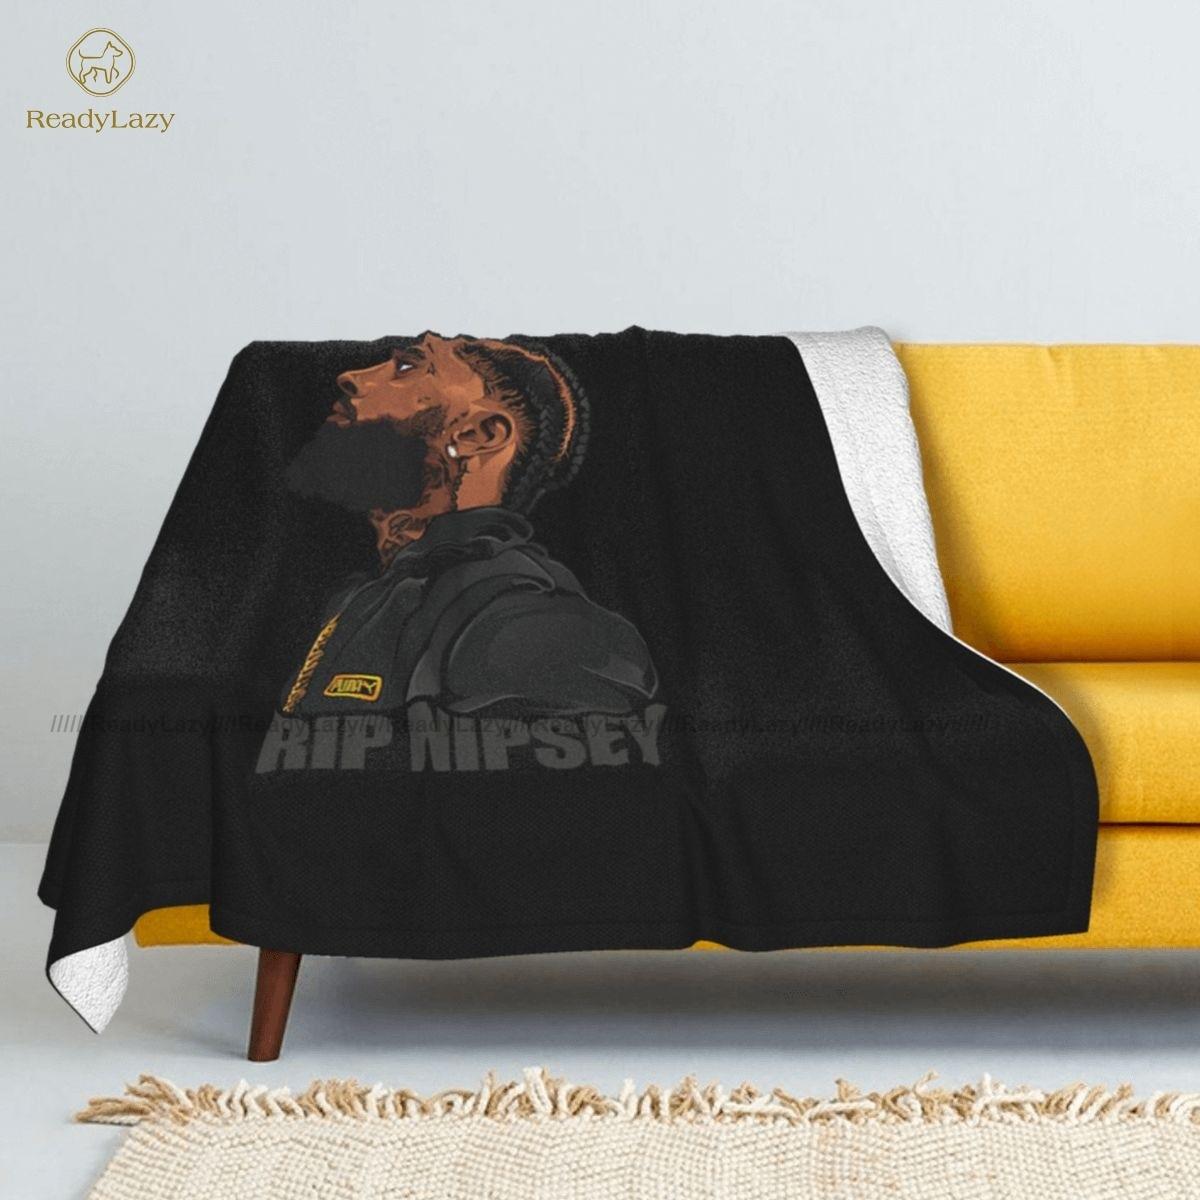 بطانية نيسي هوسيل بغطاء سرير ناعم للغاية على الموضة بطانية كرسي شيربا صوف مريحة